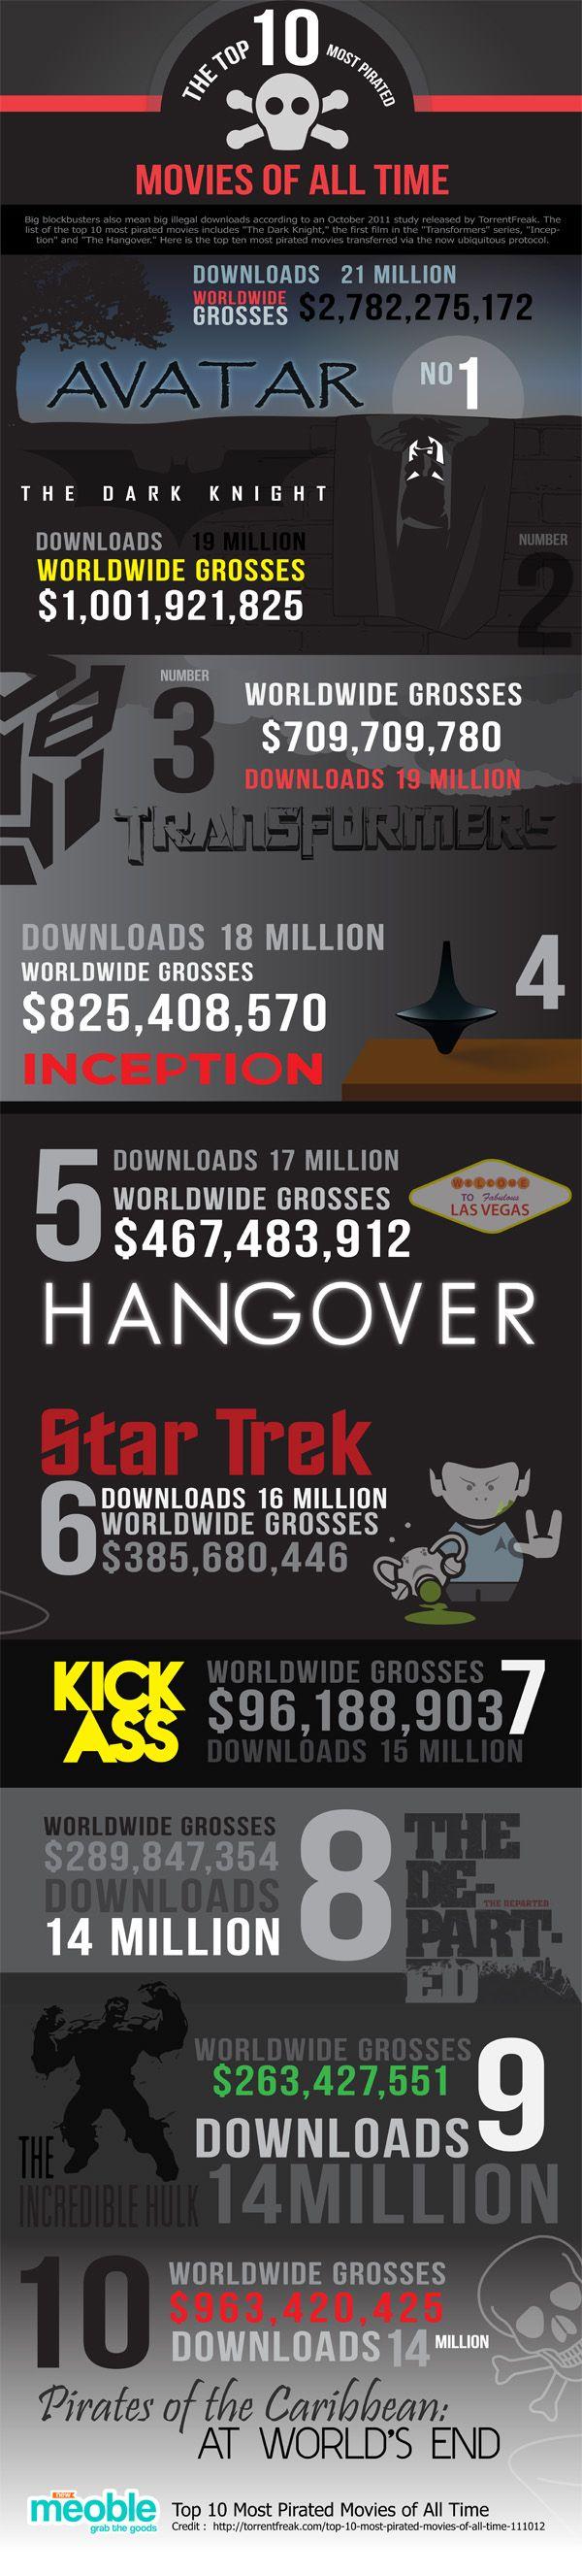 Las 10 películas más descargadas de Internet